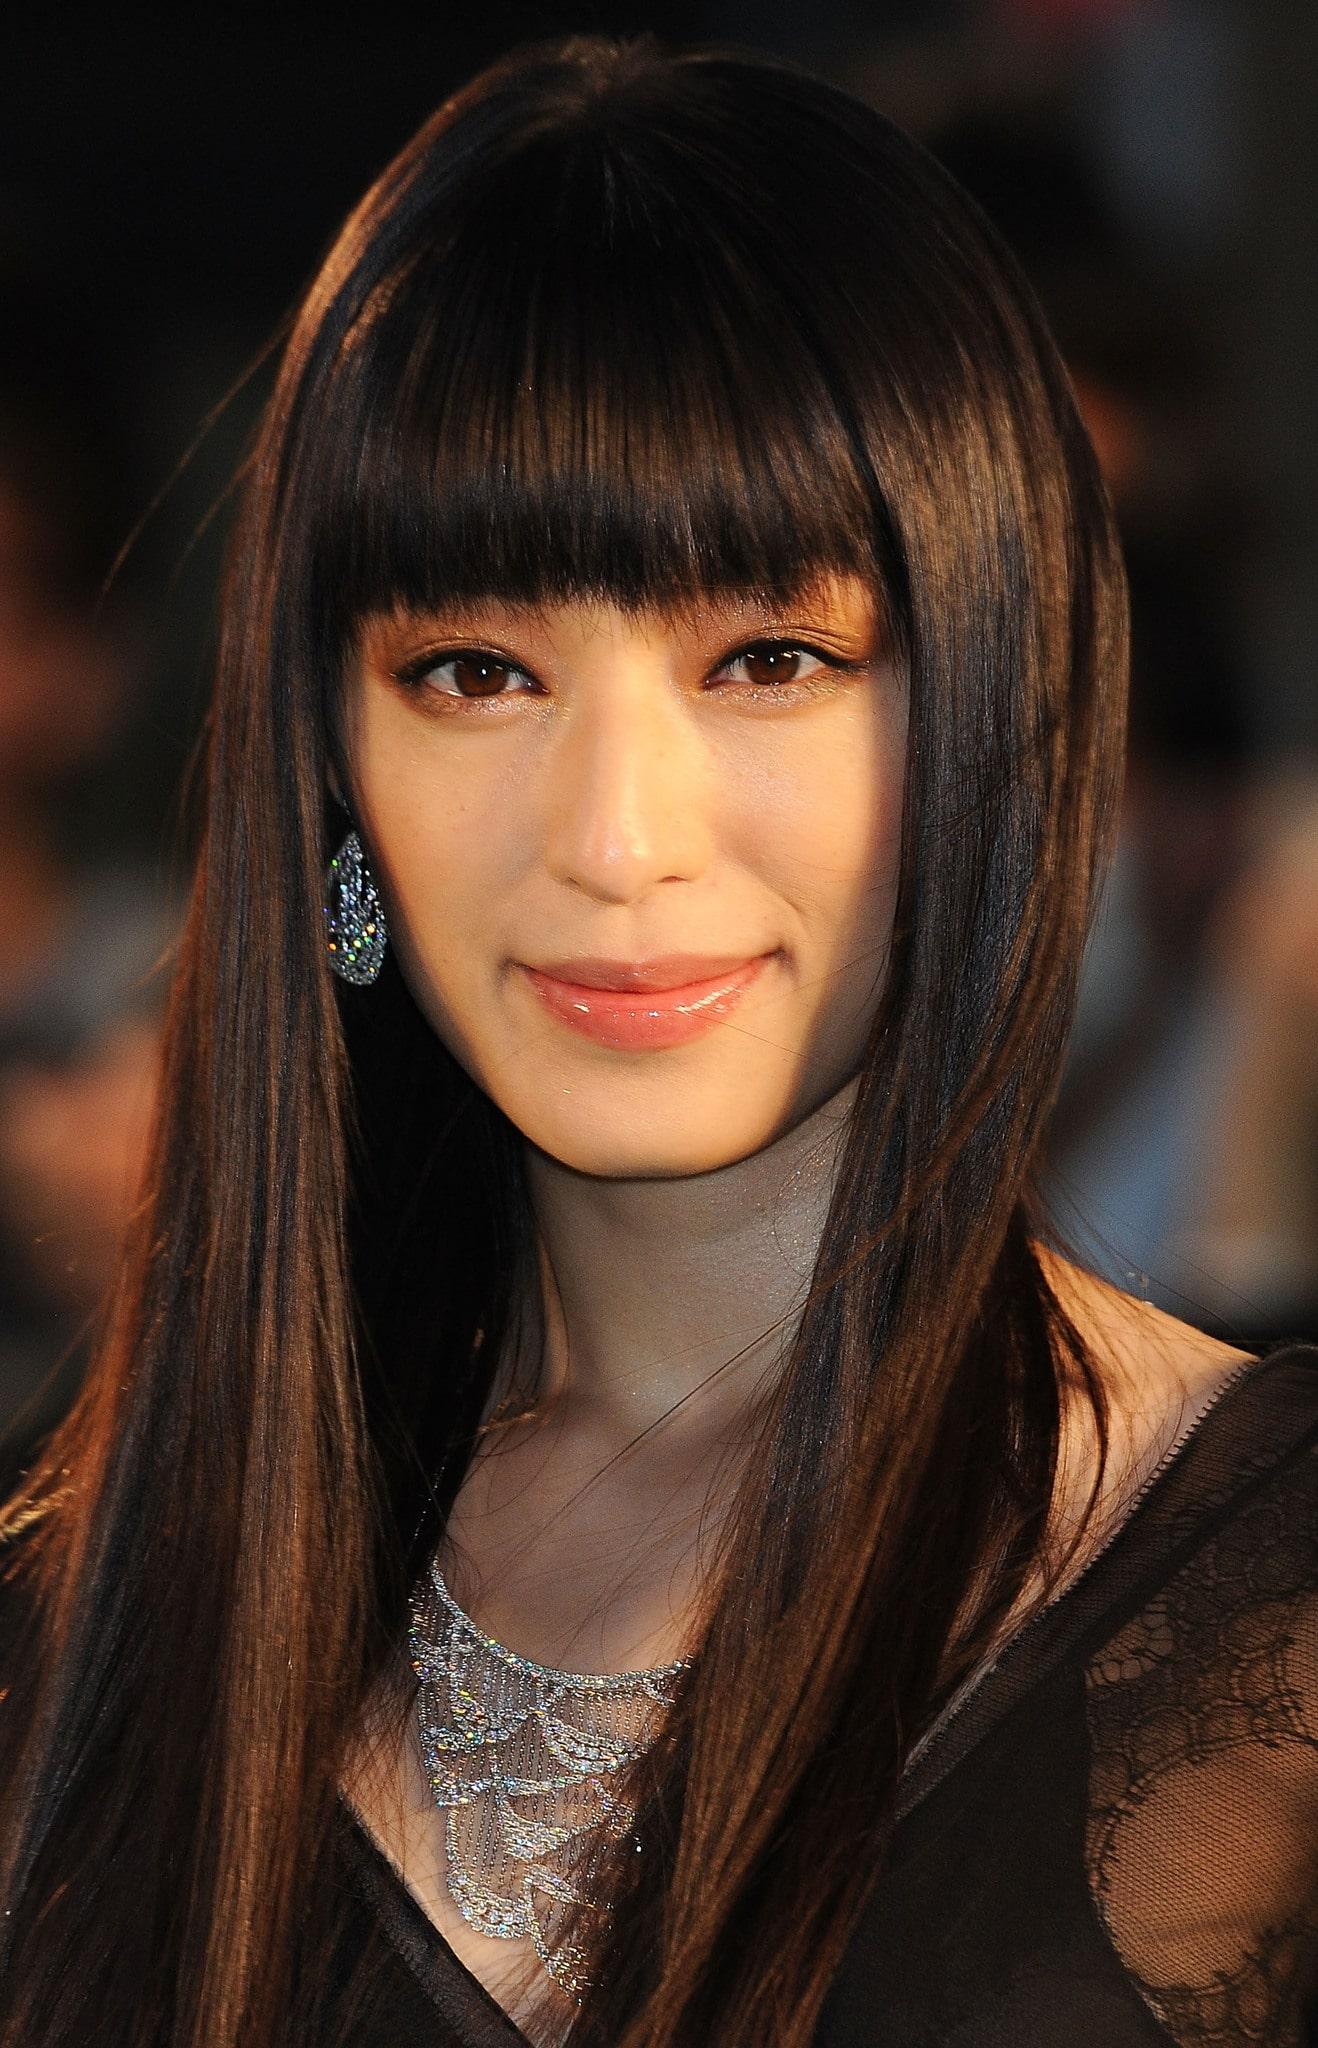 Chiaki Kuriyama Japanese Actress, Model, Singer